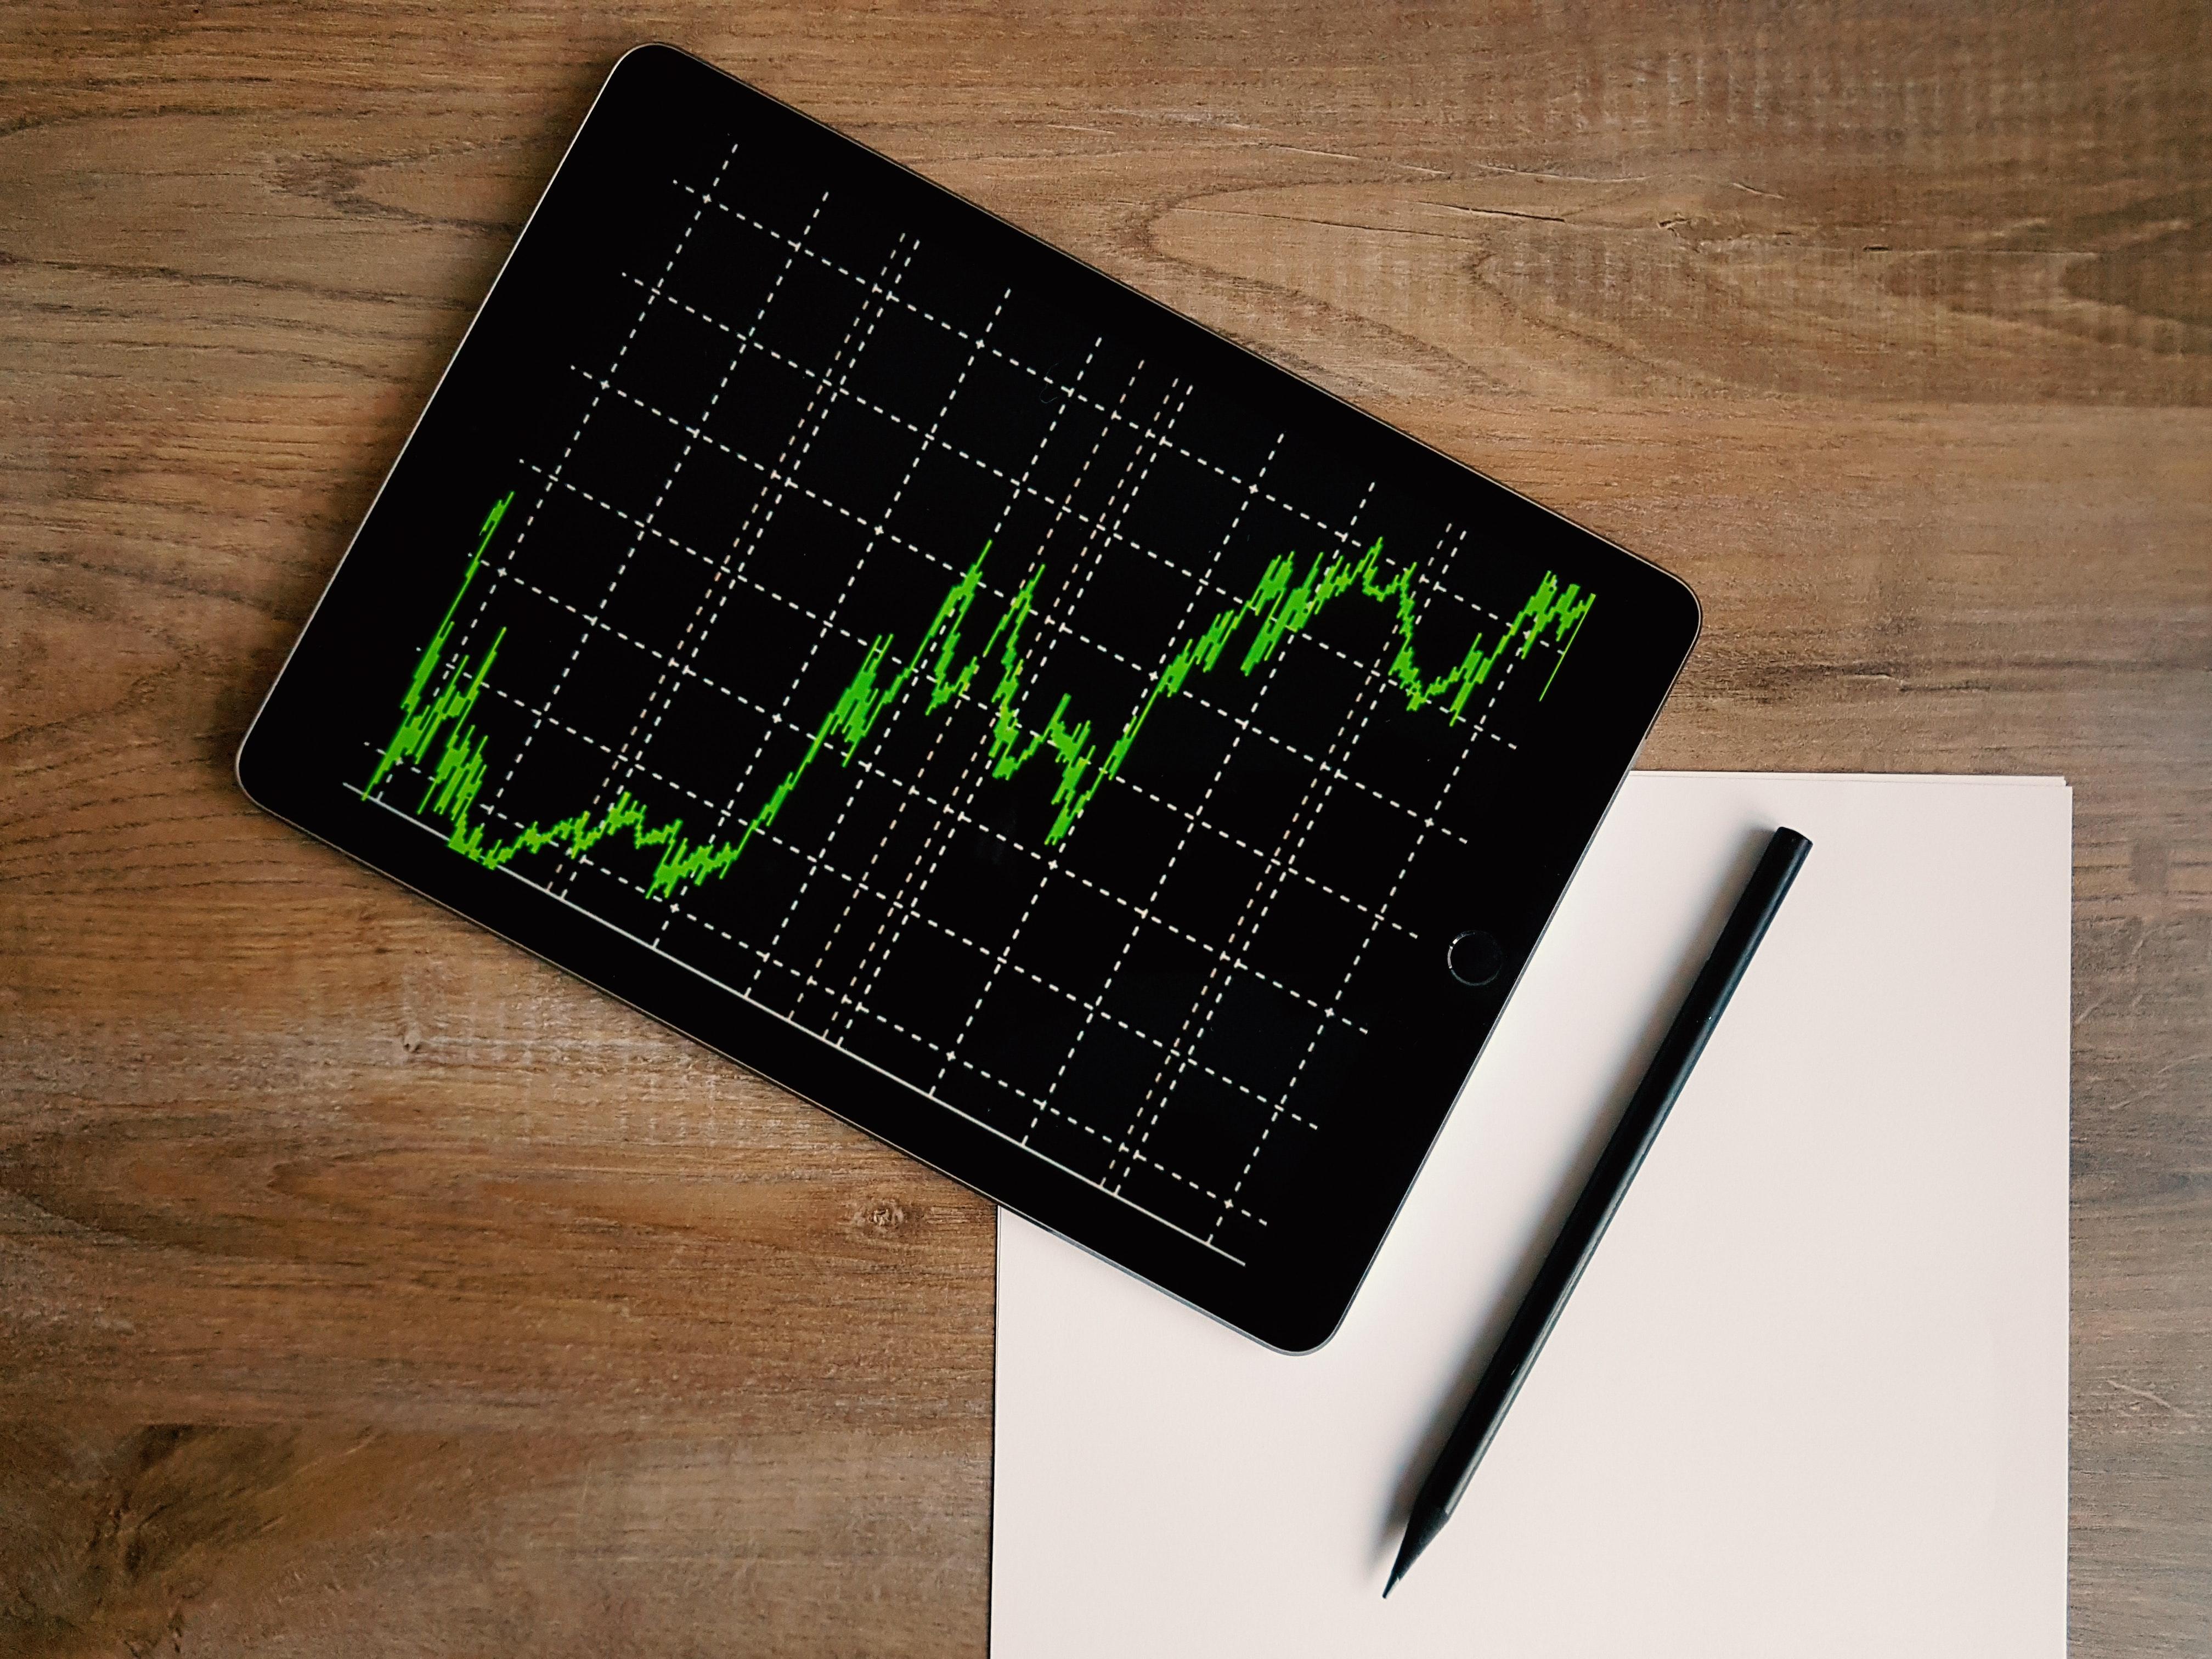 investind în moneda etf pentru începători